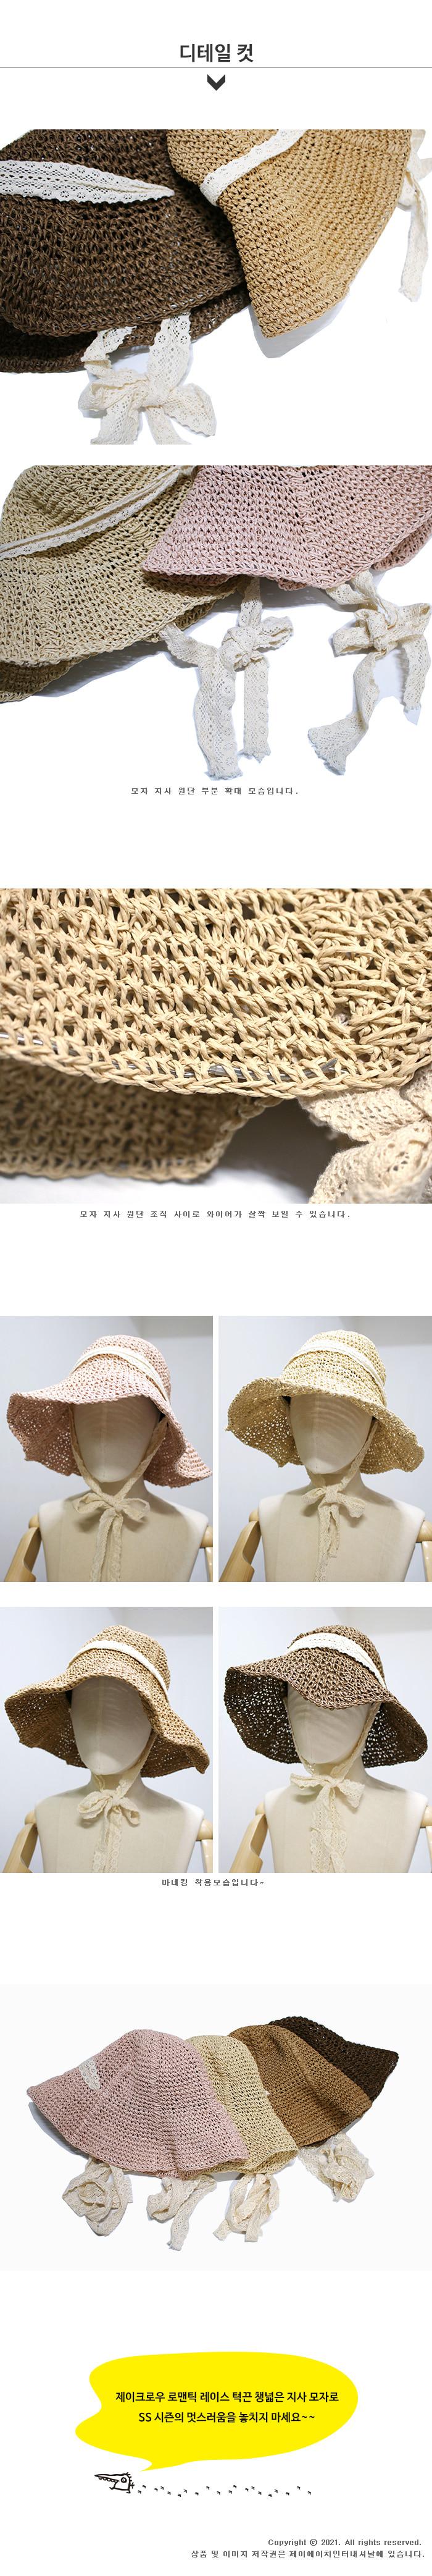 제이크로우 로맨틱 레이스 턱끈 챙넓은 지사 모자 (JCCS-LRP21C23) 상품디테일 상세 설명